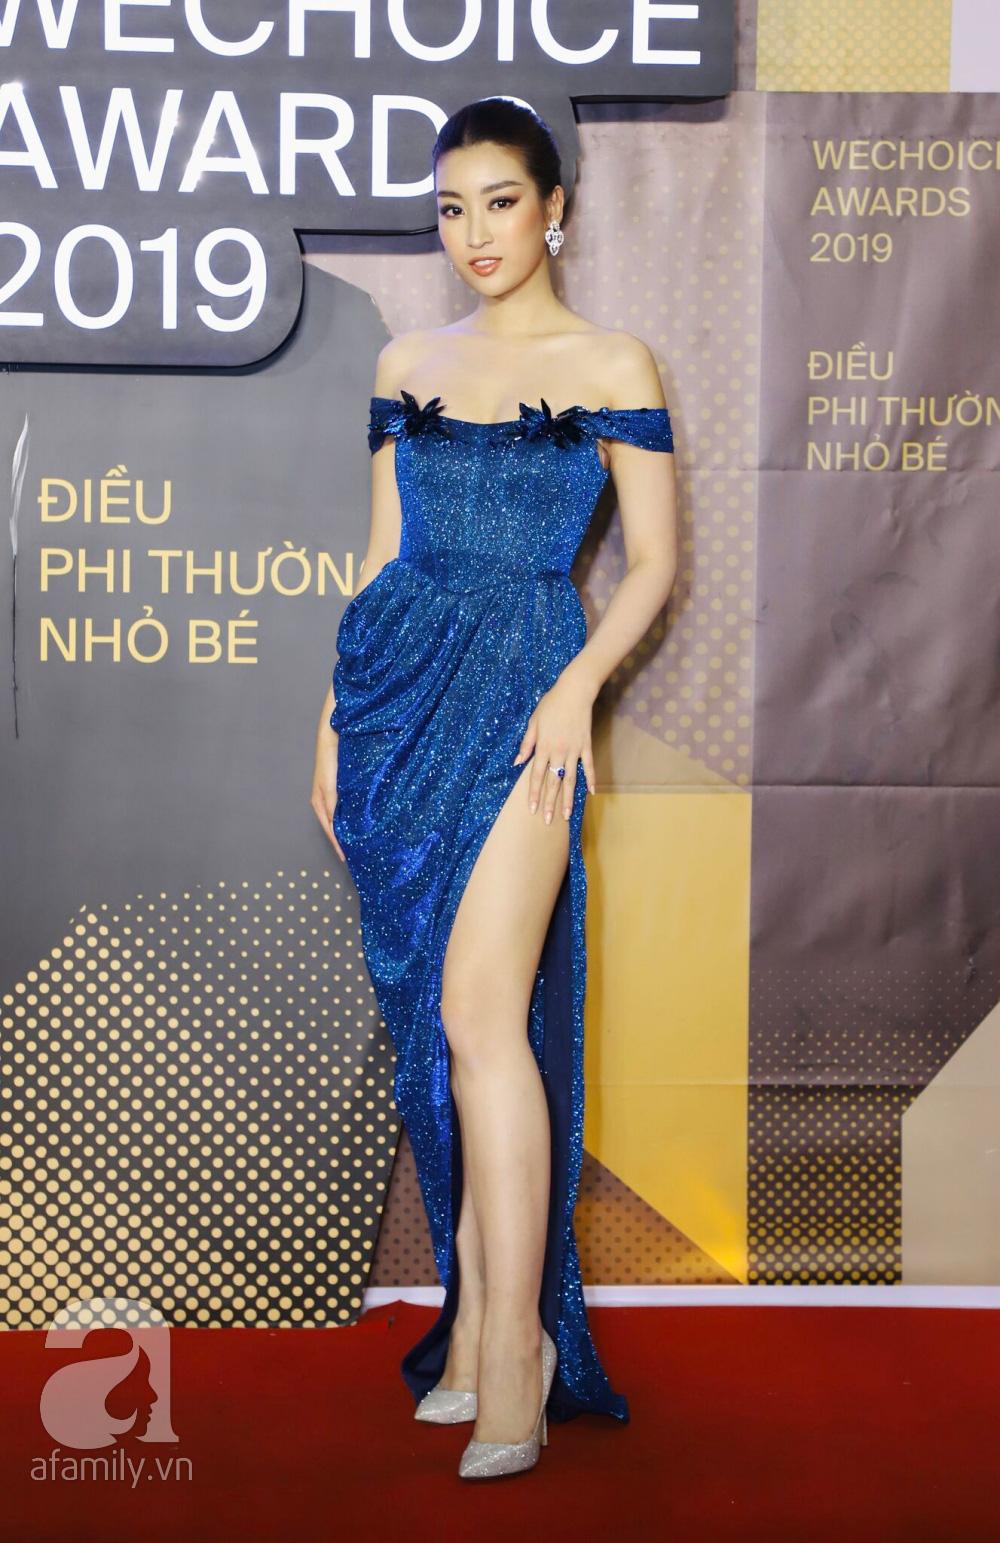 Chẳng đụng trang phục, loạt mỹ nhân Việt lại đụng nhau công thức khoe dáng tại thảm đỏ WeChoice Awards 2019 - Ảnh 2.